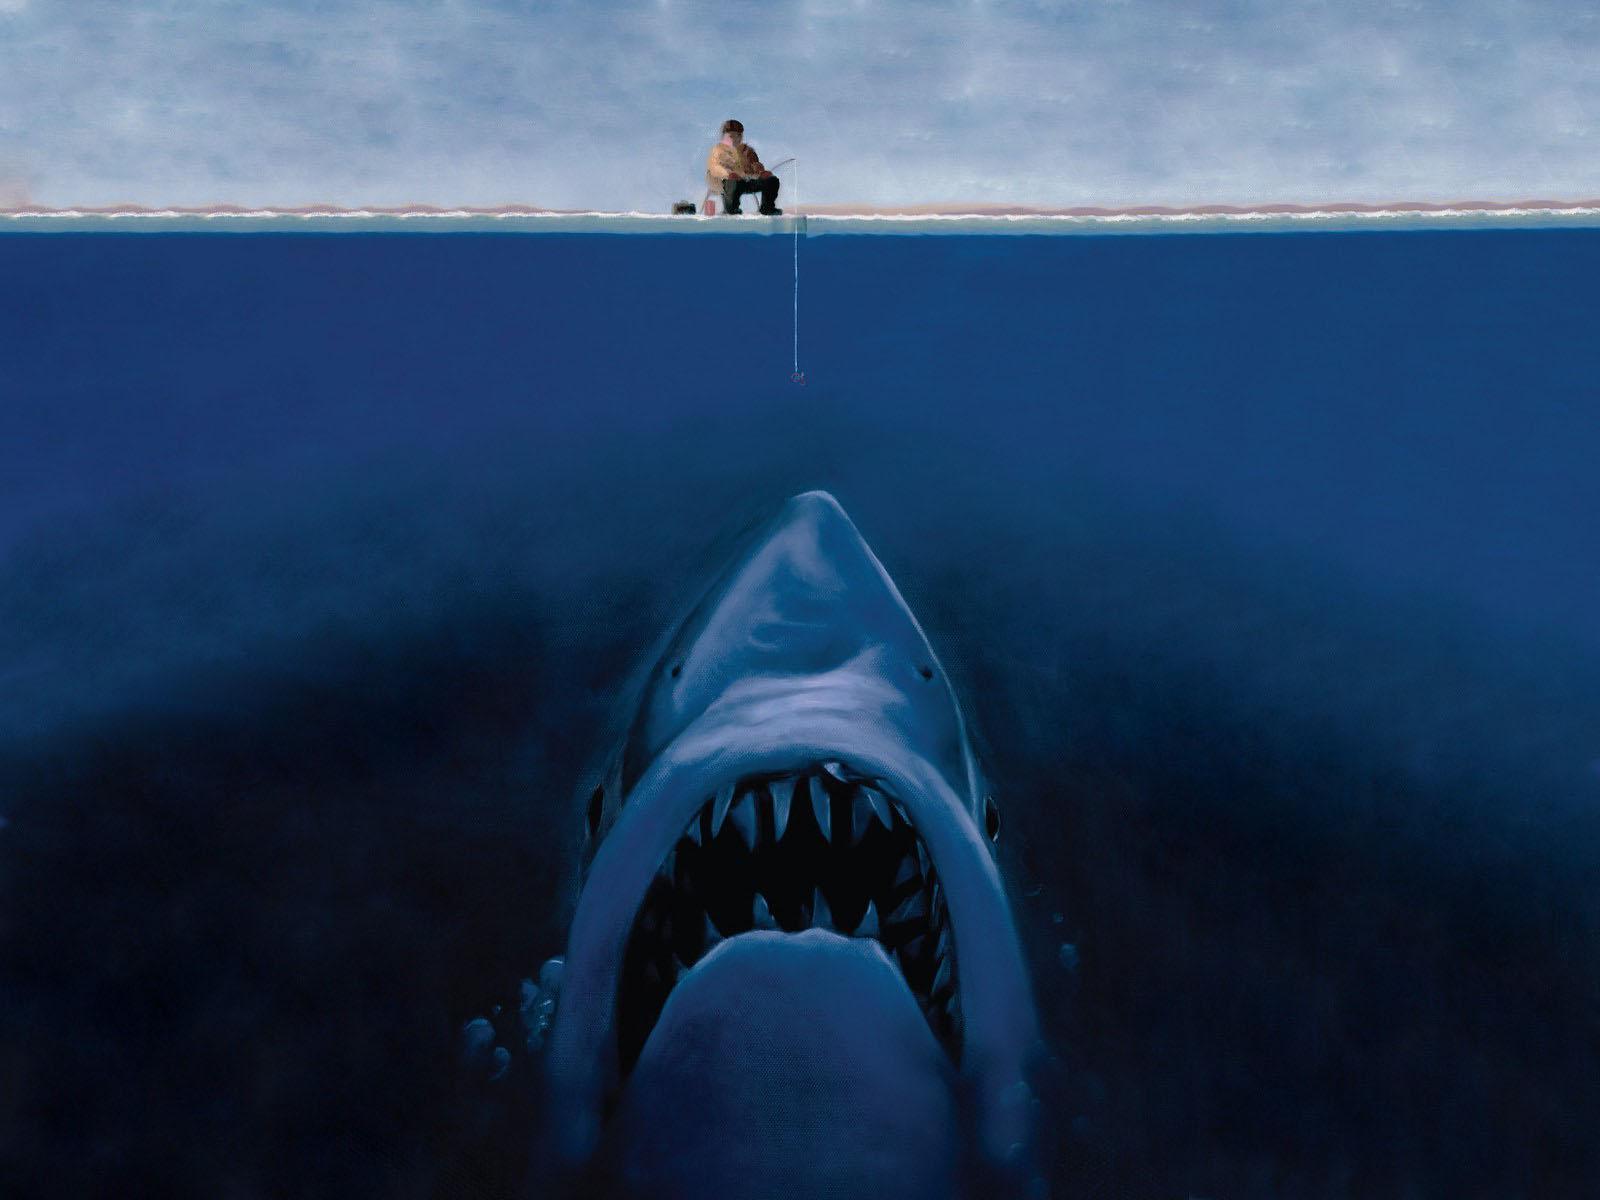 рыбак и акула, рисунок, обои для рабочего стола